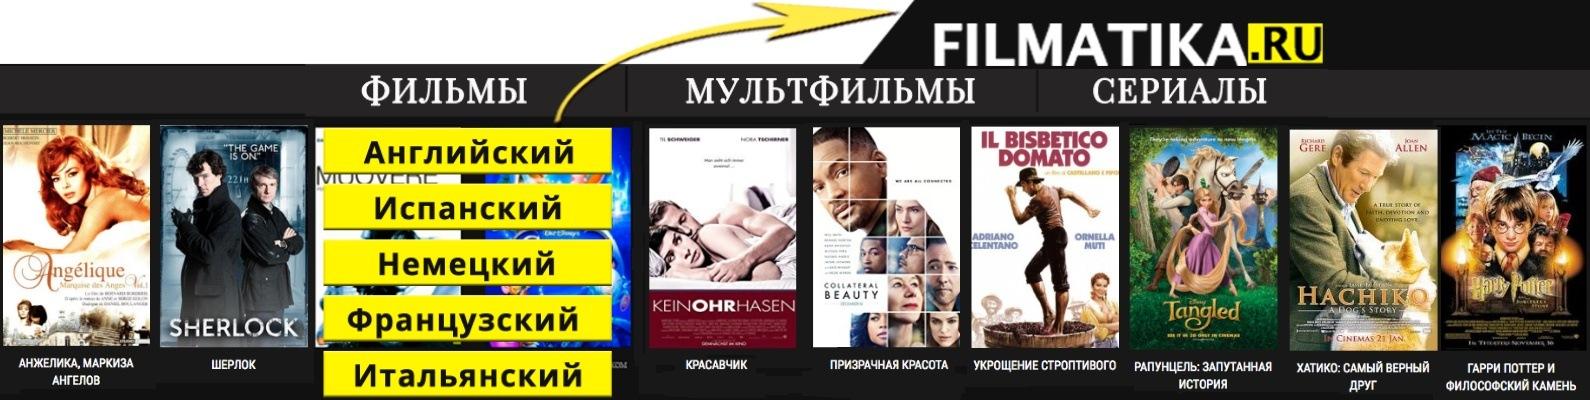 спеши любить на английском языке с русскими субтитрами